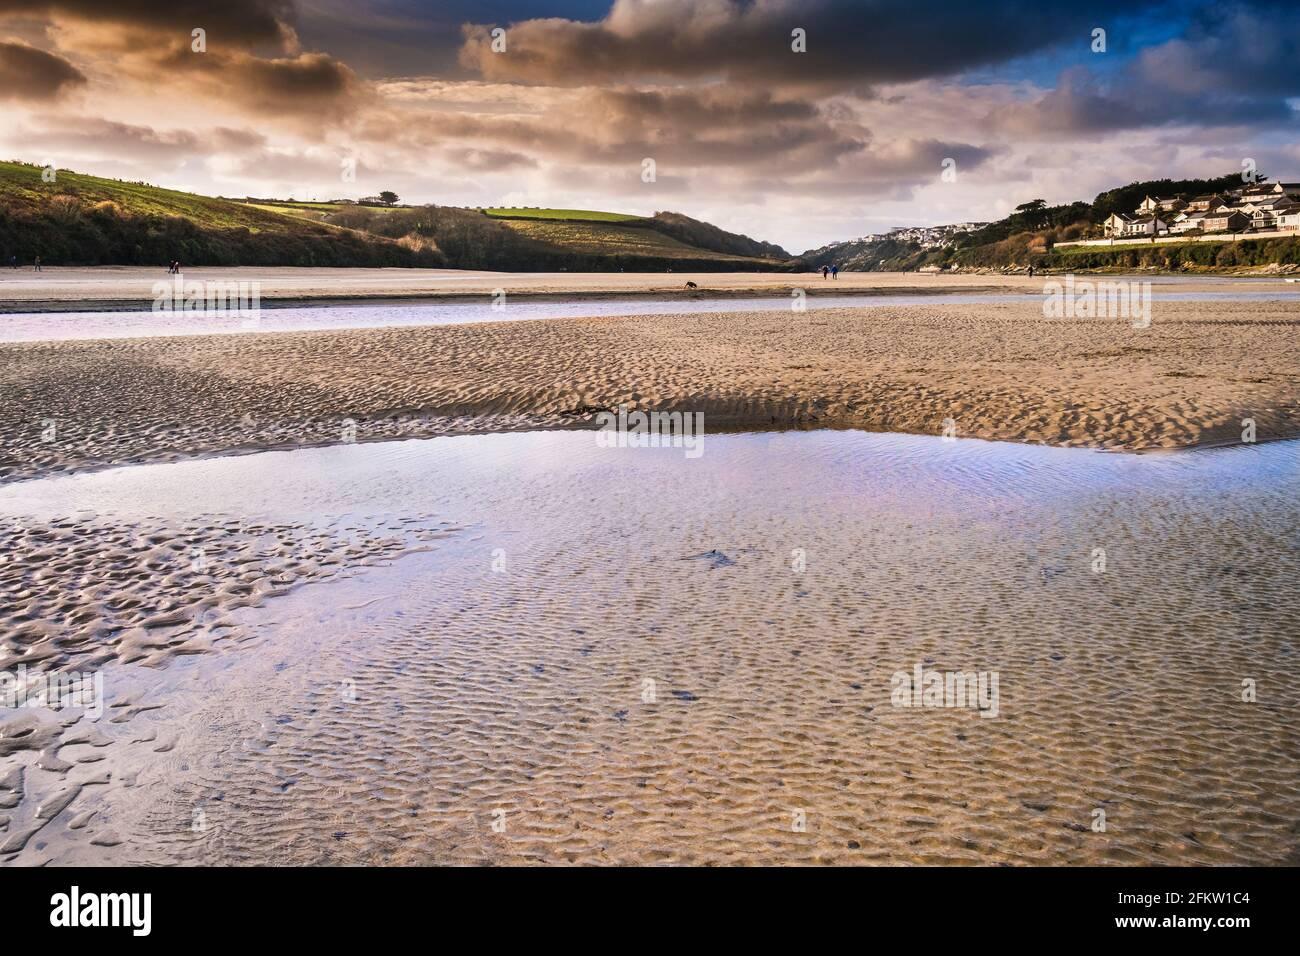 Der Fluss Gannel bei Ebbe in Newquay in Cornwall. Stockfoto